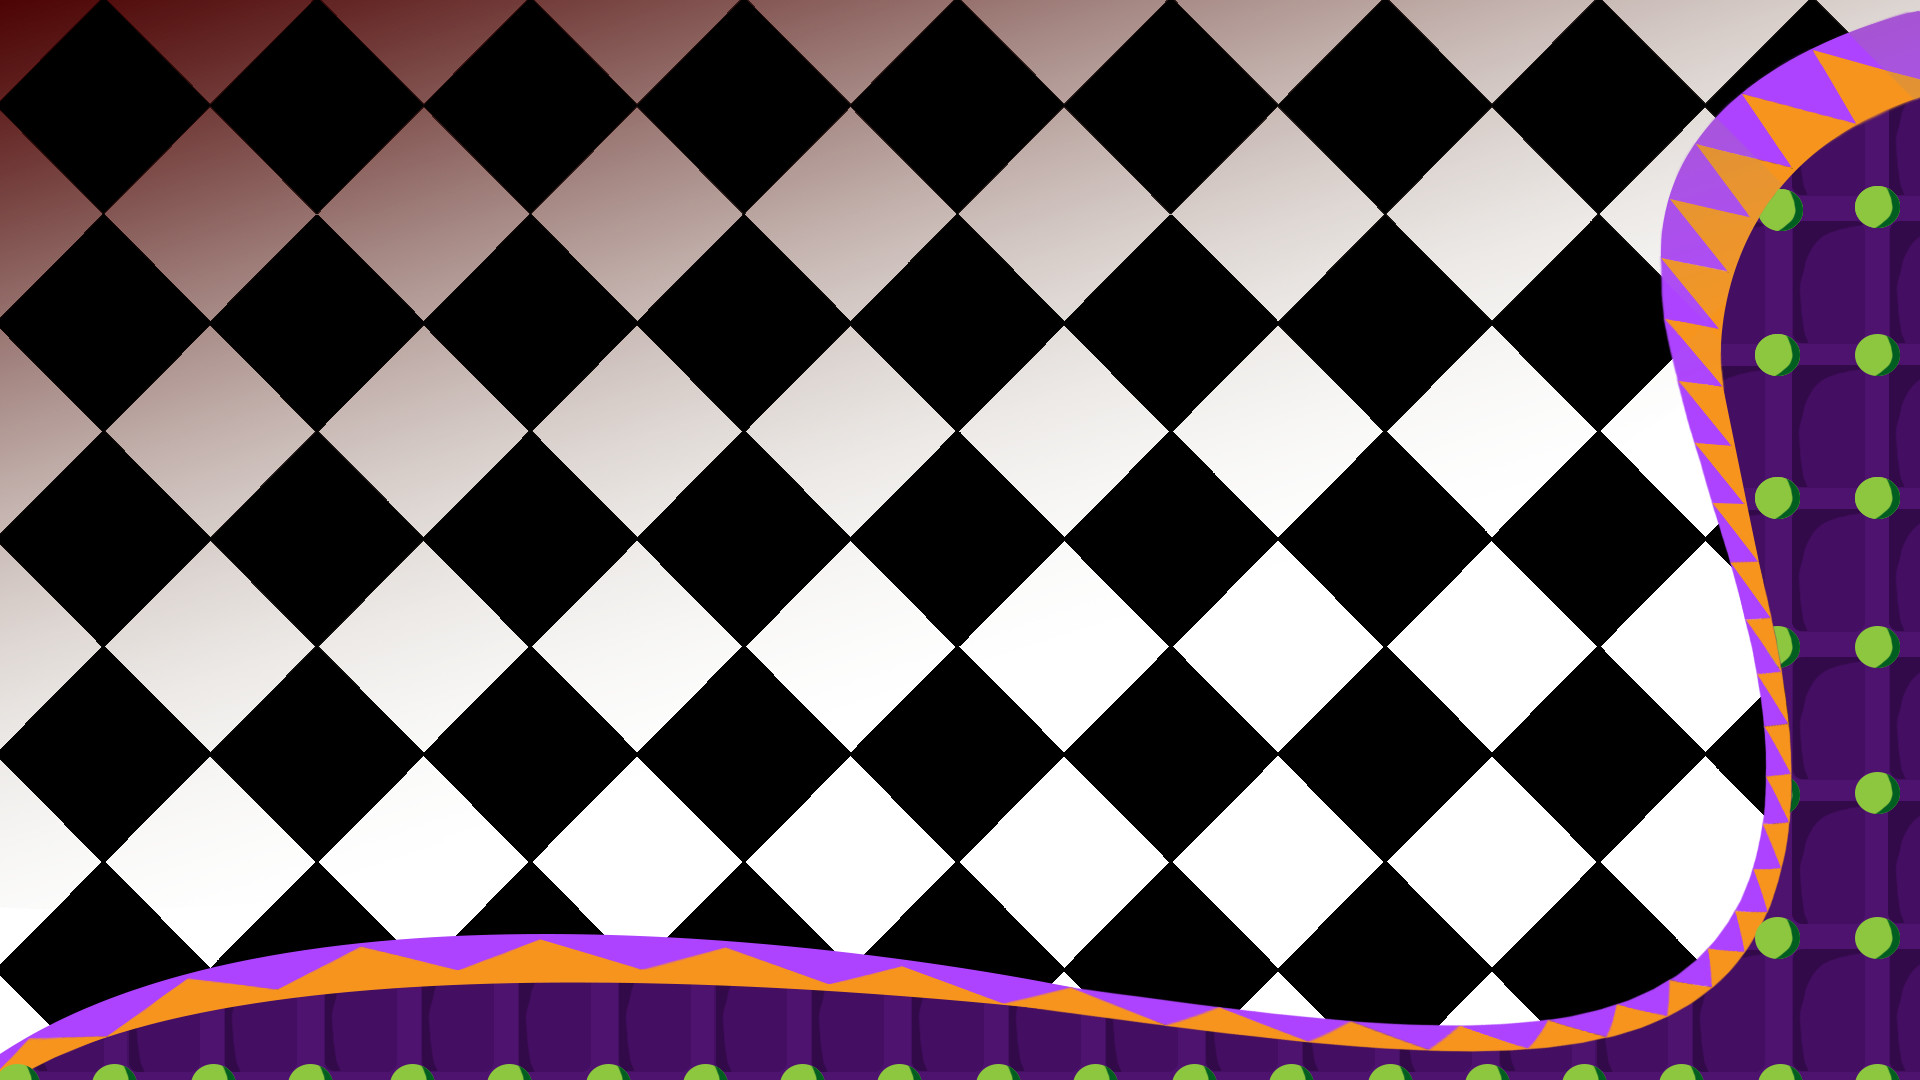 Jojo's Bizarre Adventure Zeppeli Wallpaper by Shubwubtub Jojo's Bizarre  Adventure Zeppeli Wallpaper by Shubwubtub